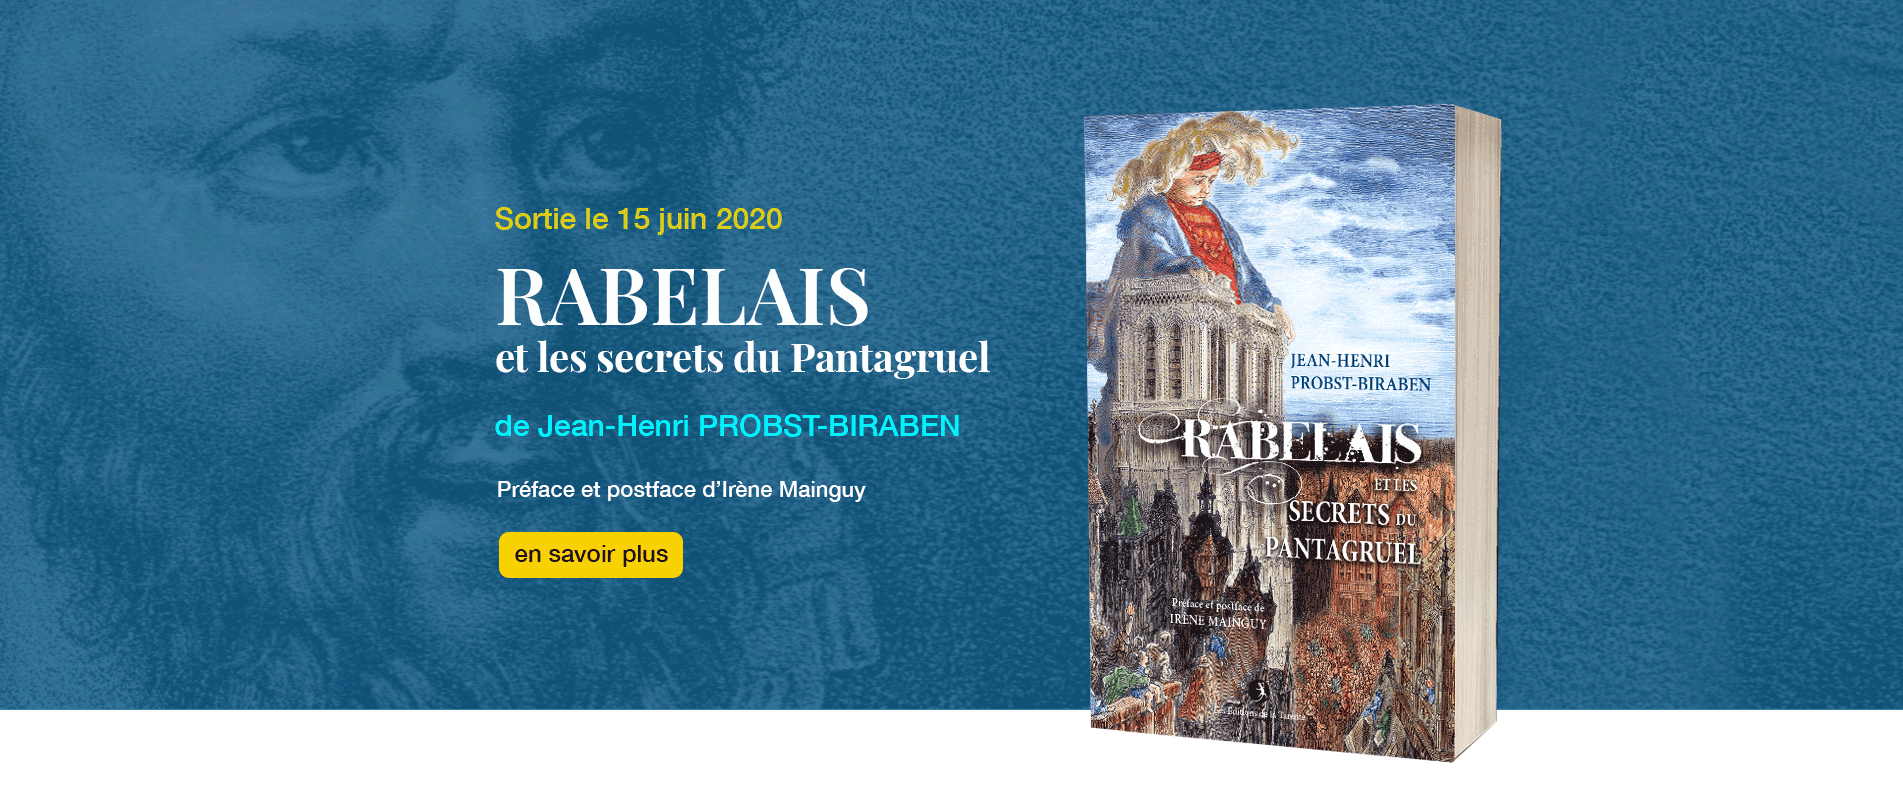 Rabelais et les secrets de Pantagruel